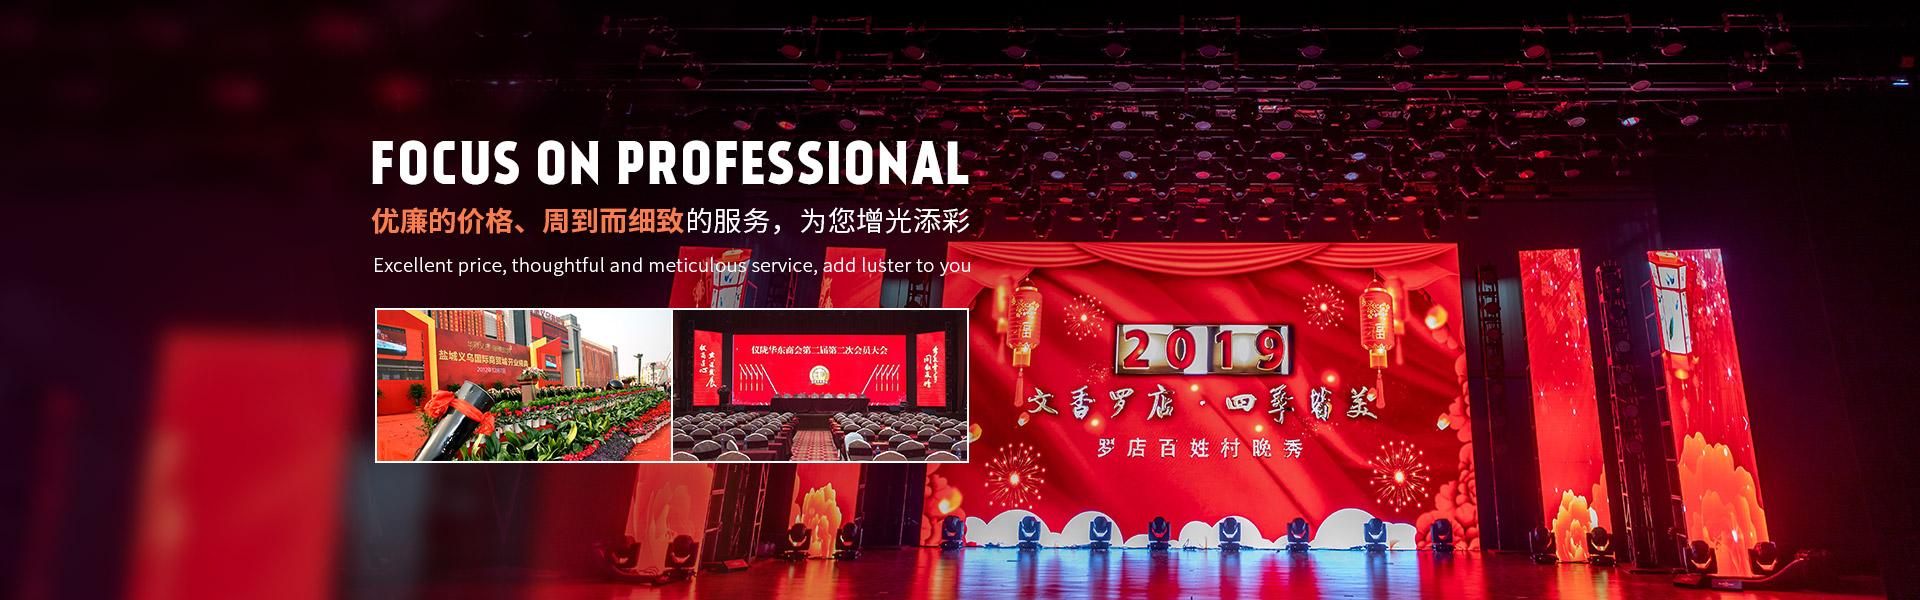 上海儒慧文化交流中心